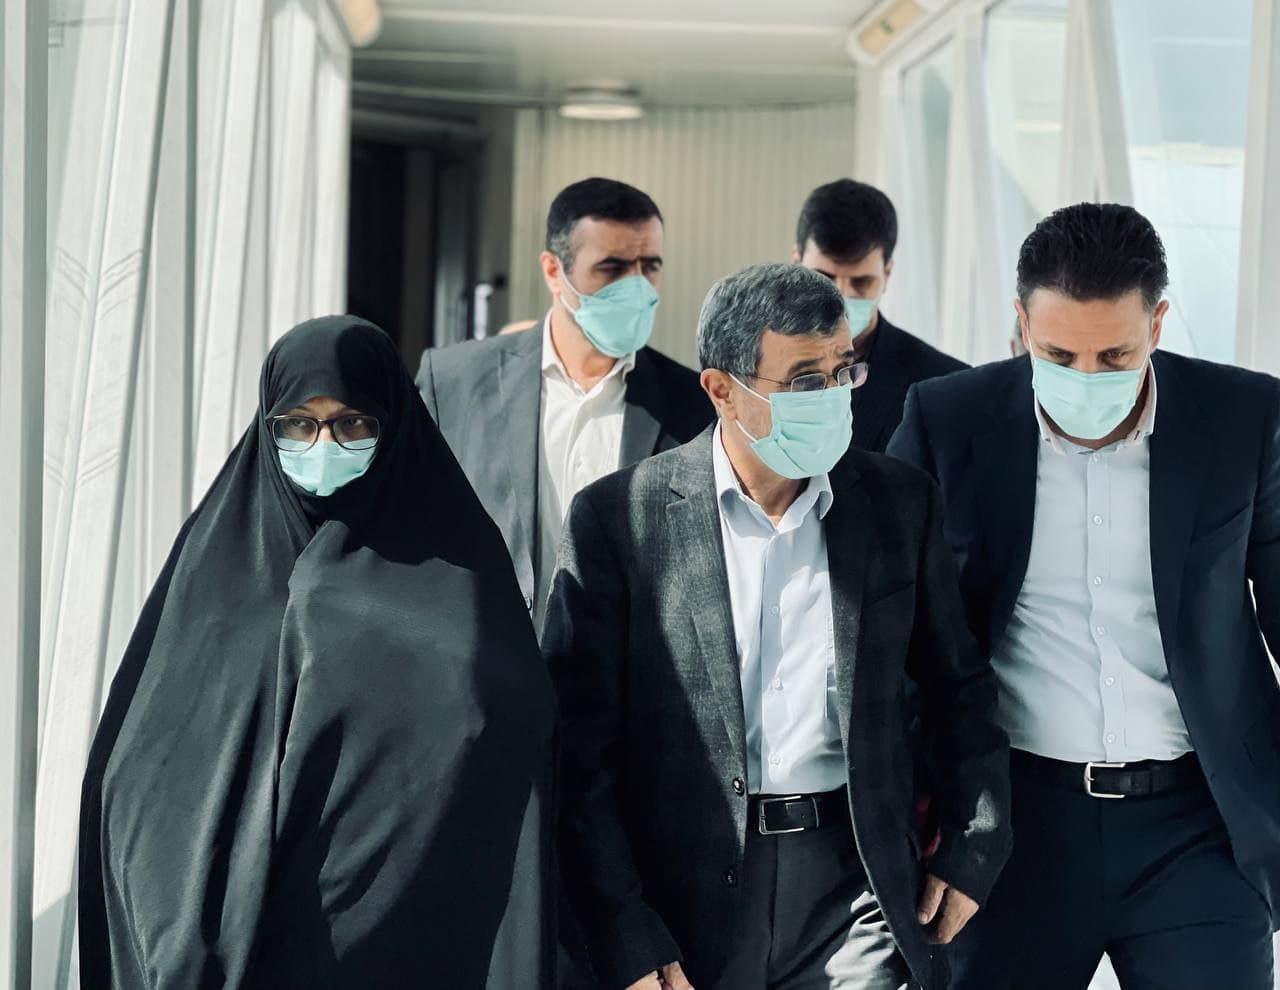 محمود احمدی نژاد و همسرش در دوبی